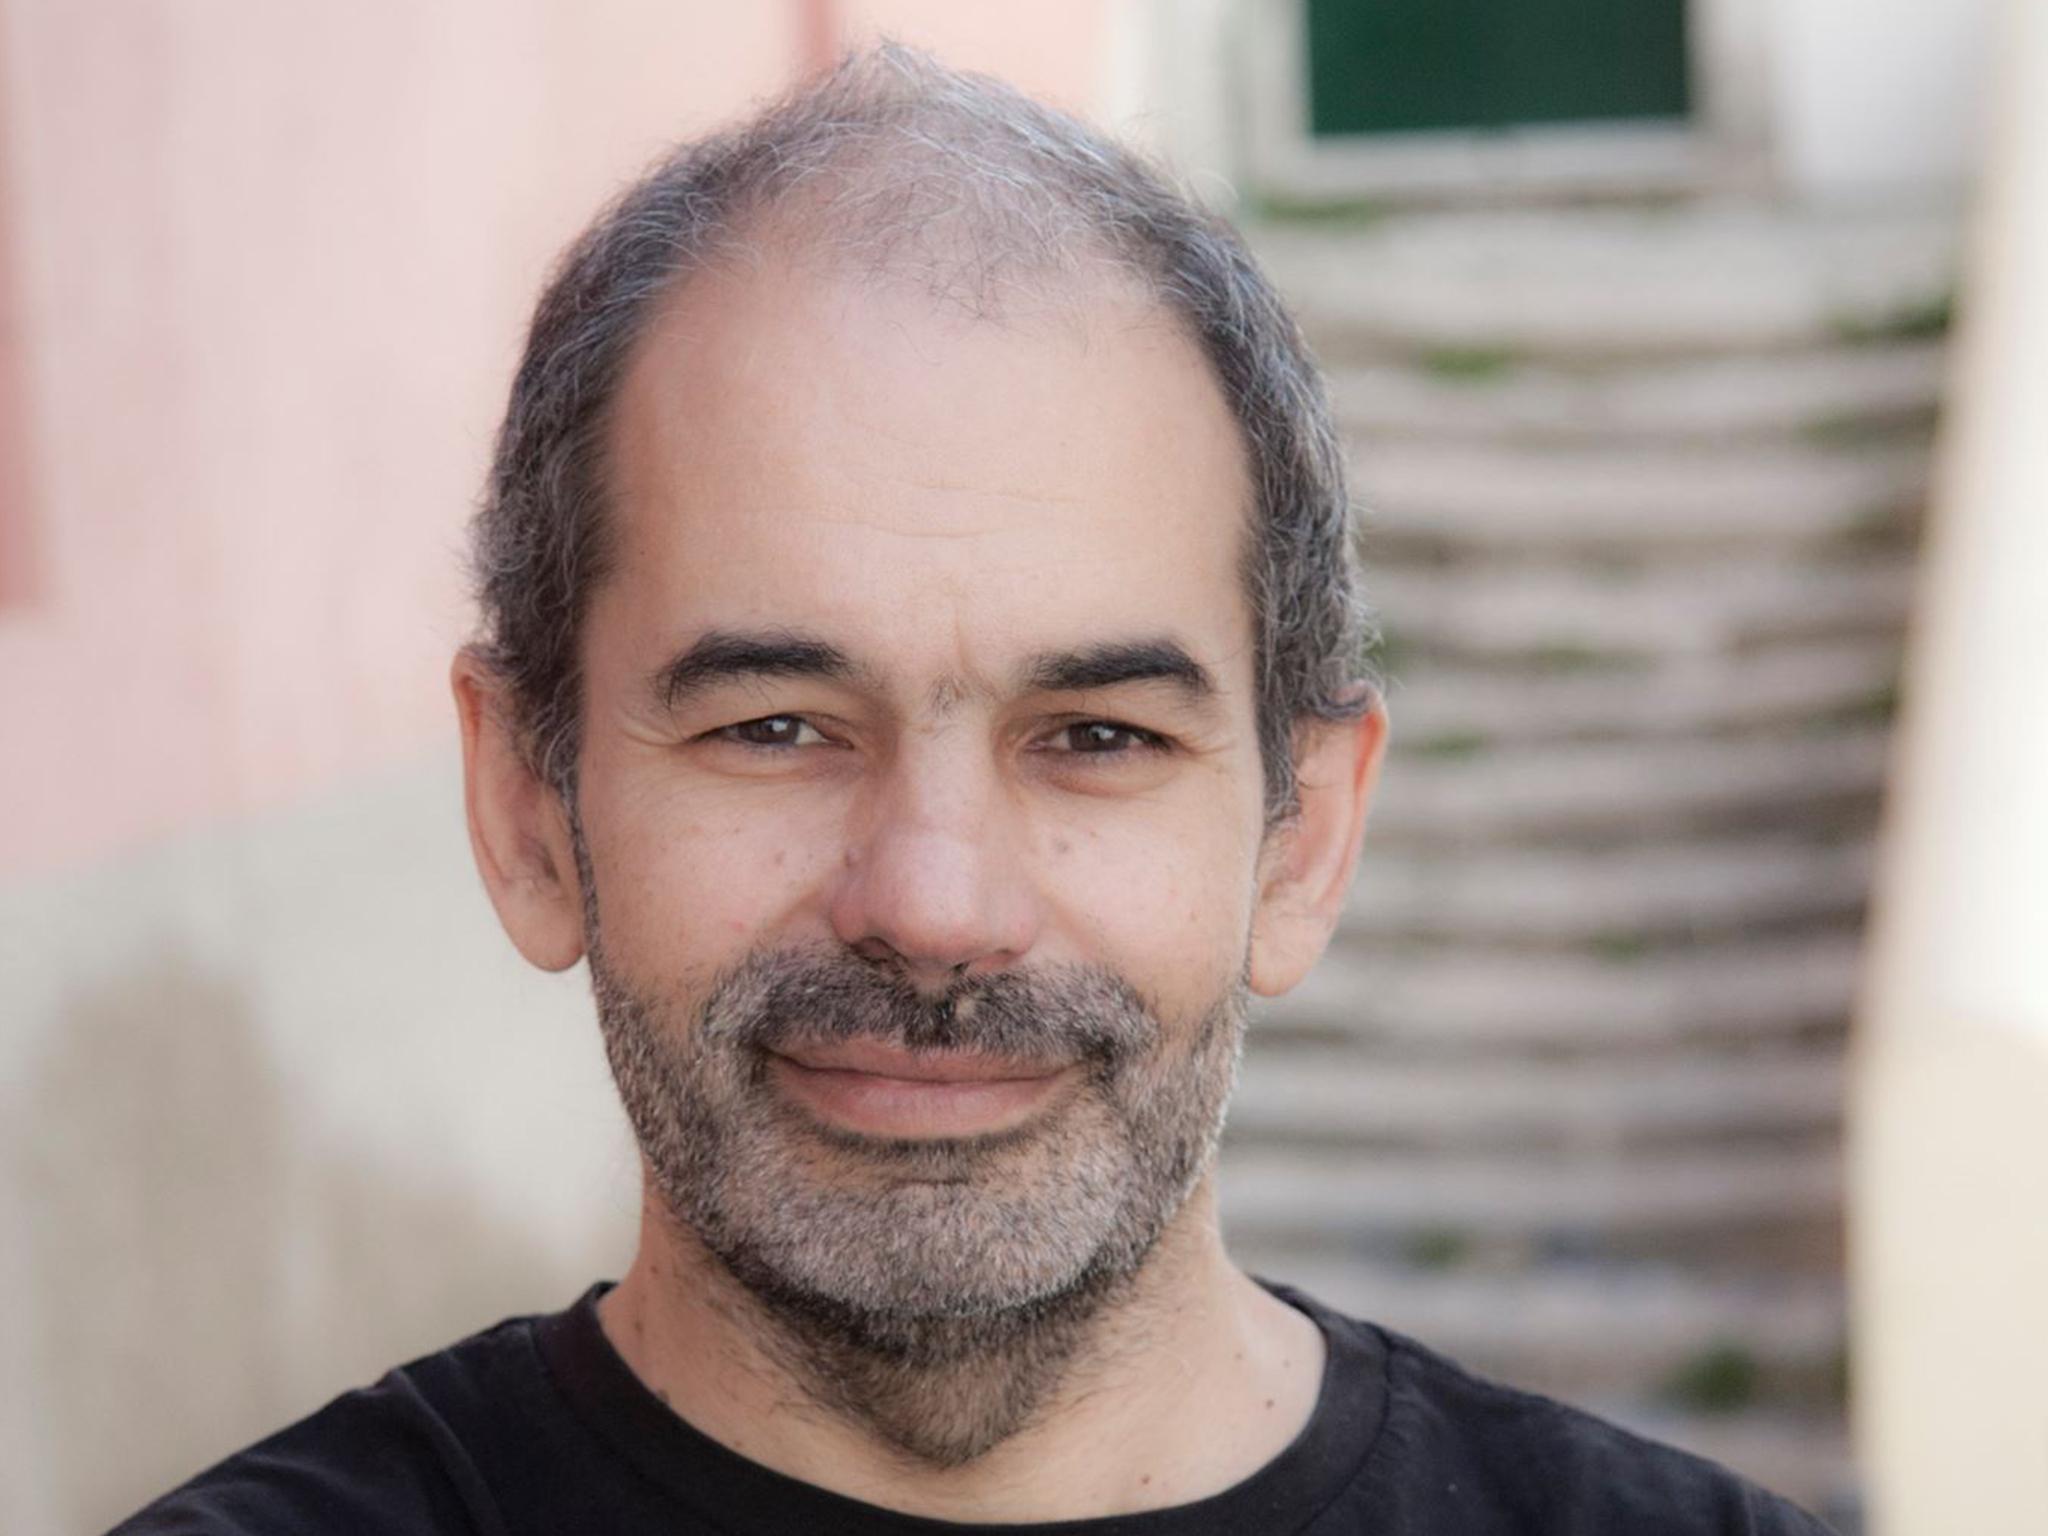 João Paulo Esteves da Silva